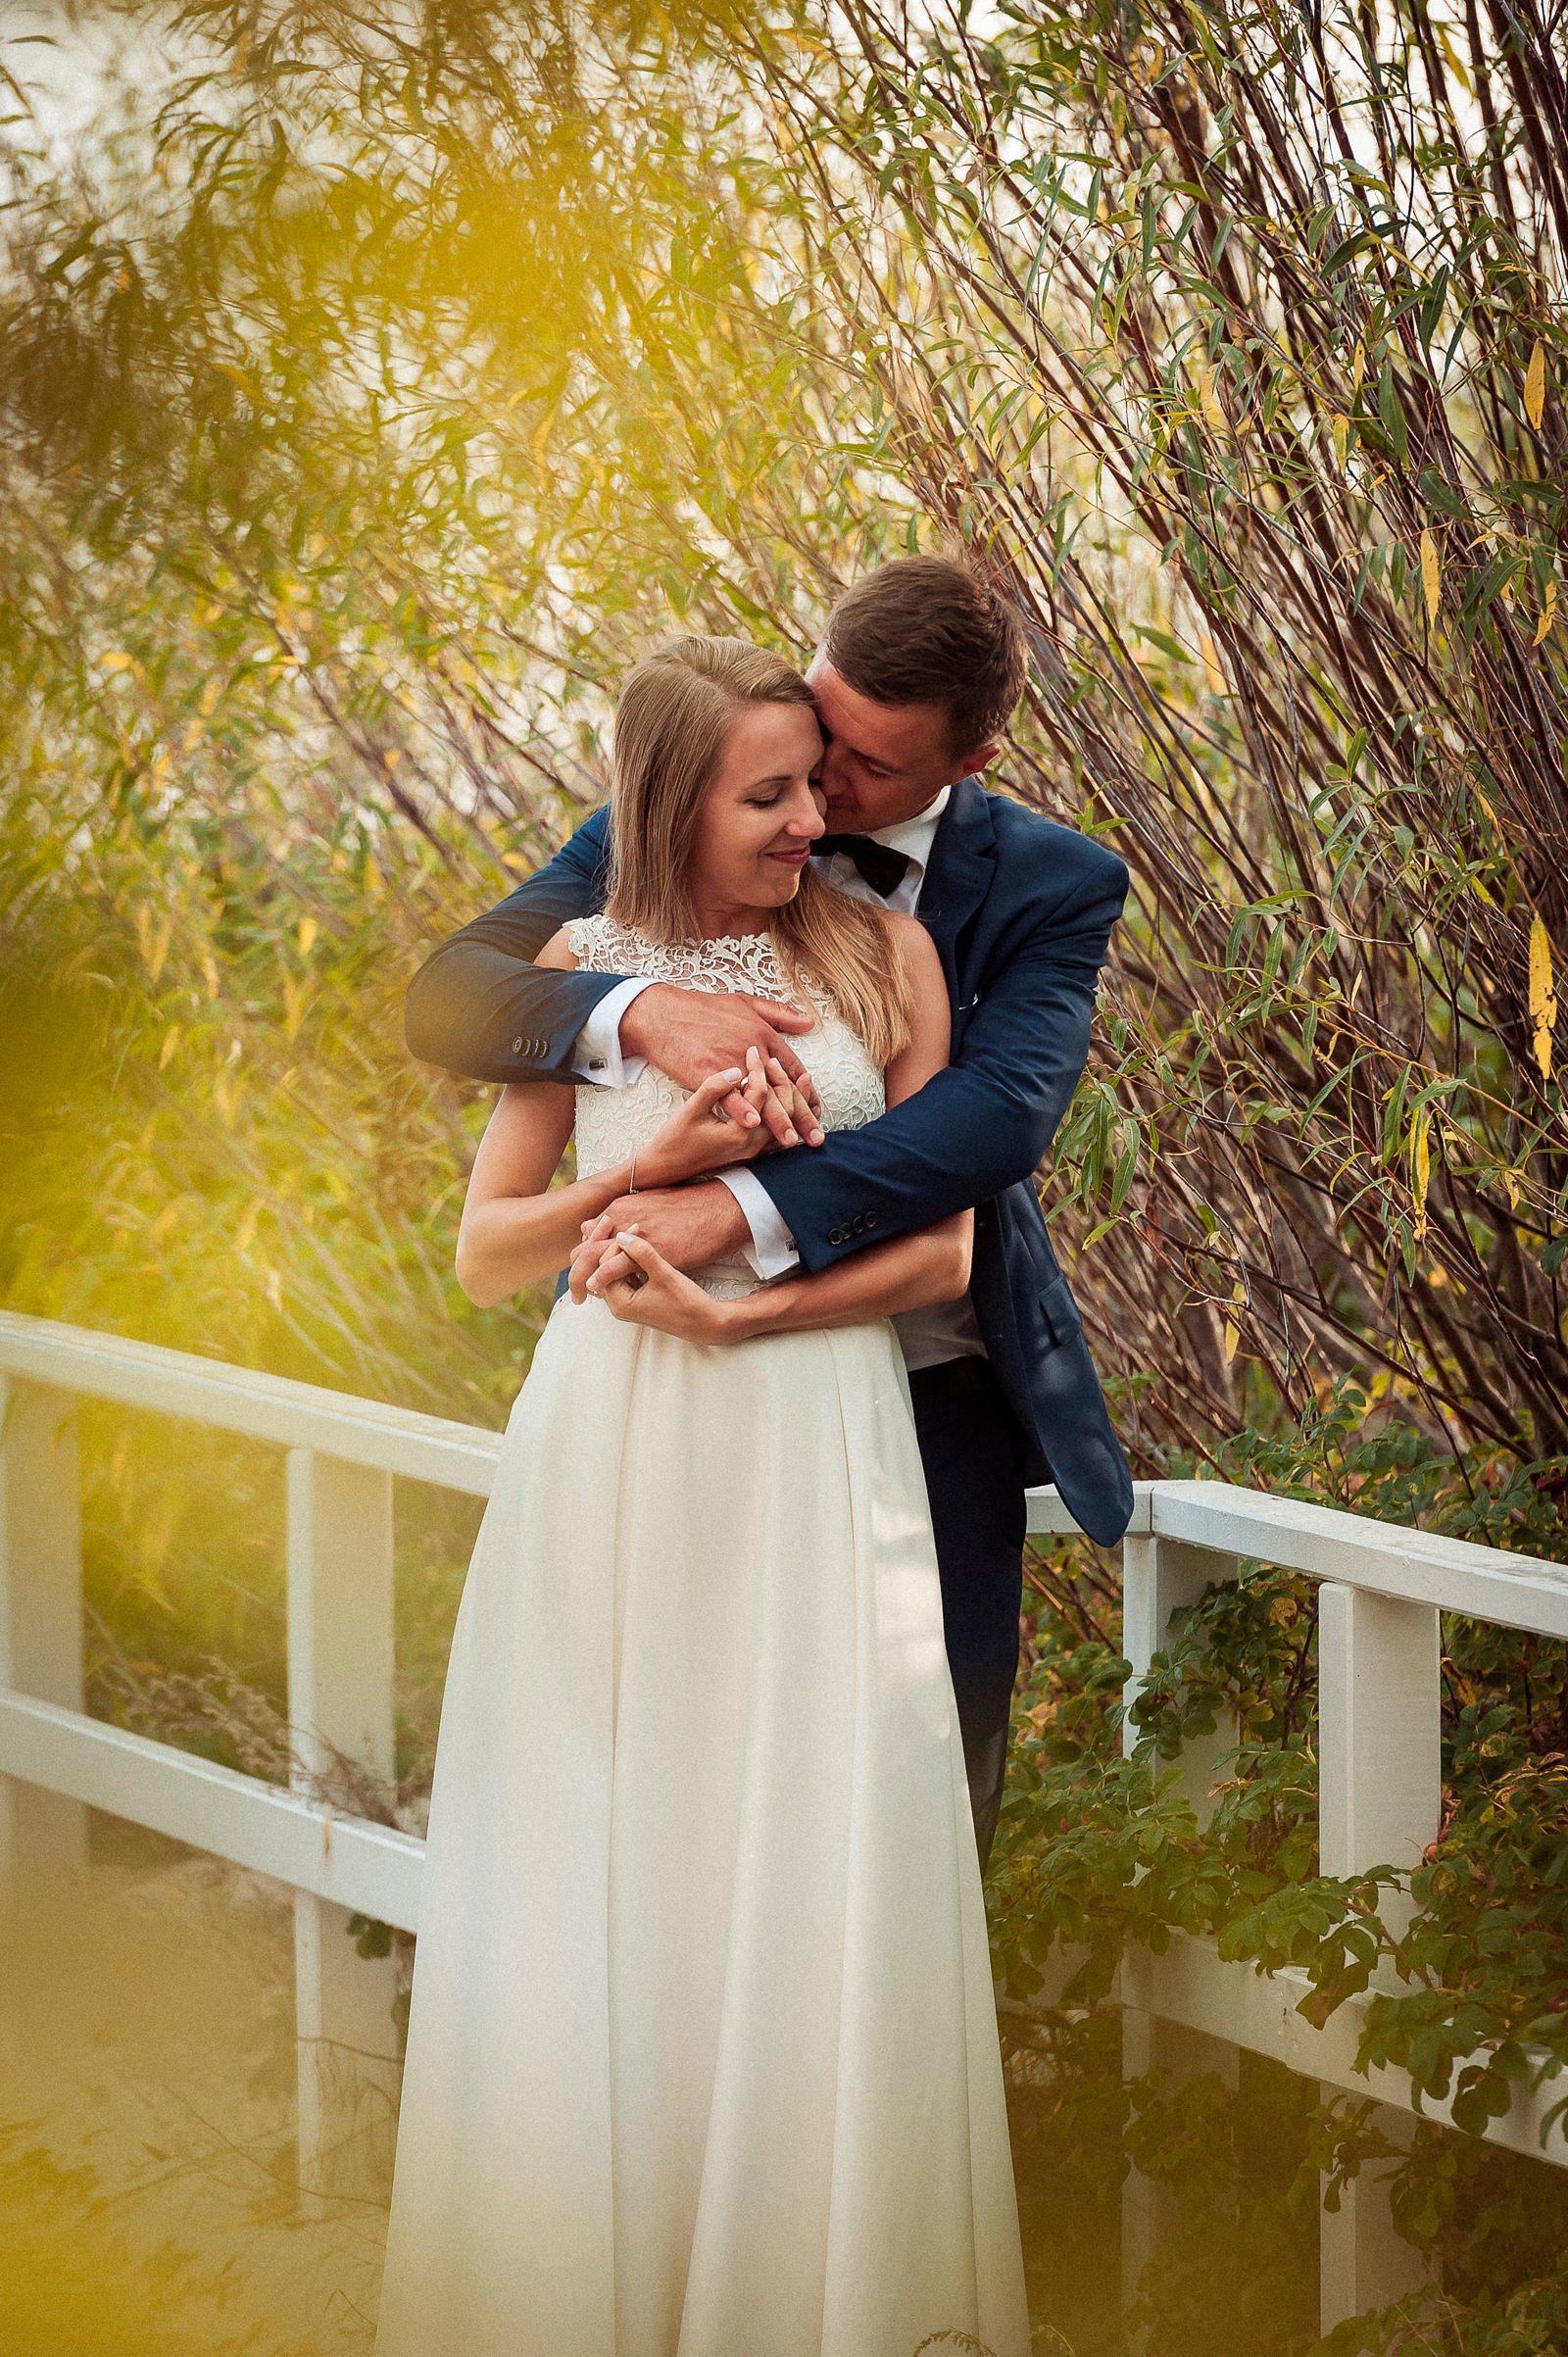 sesja ślubna - pan młody przytula do siebie swoją wybrankę